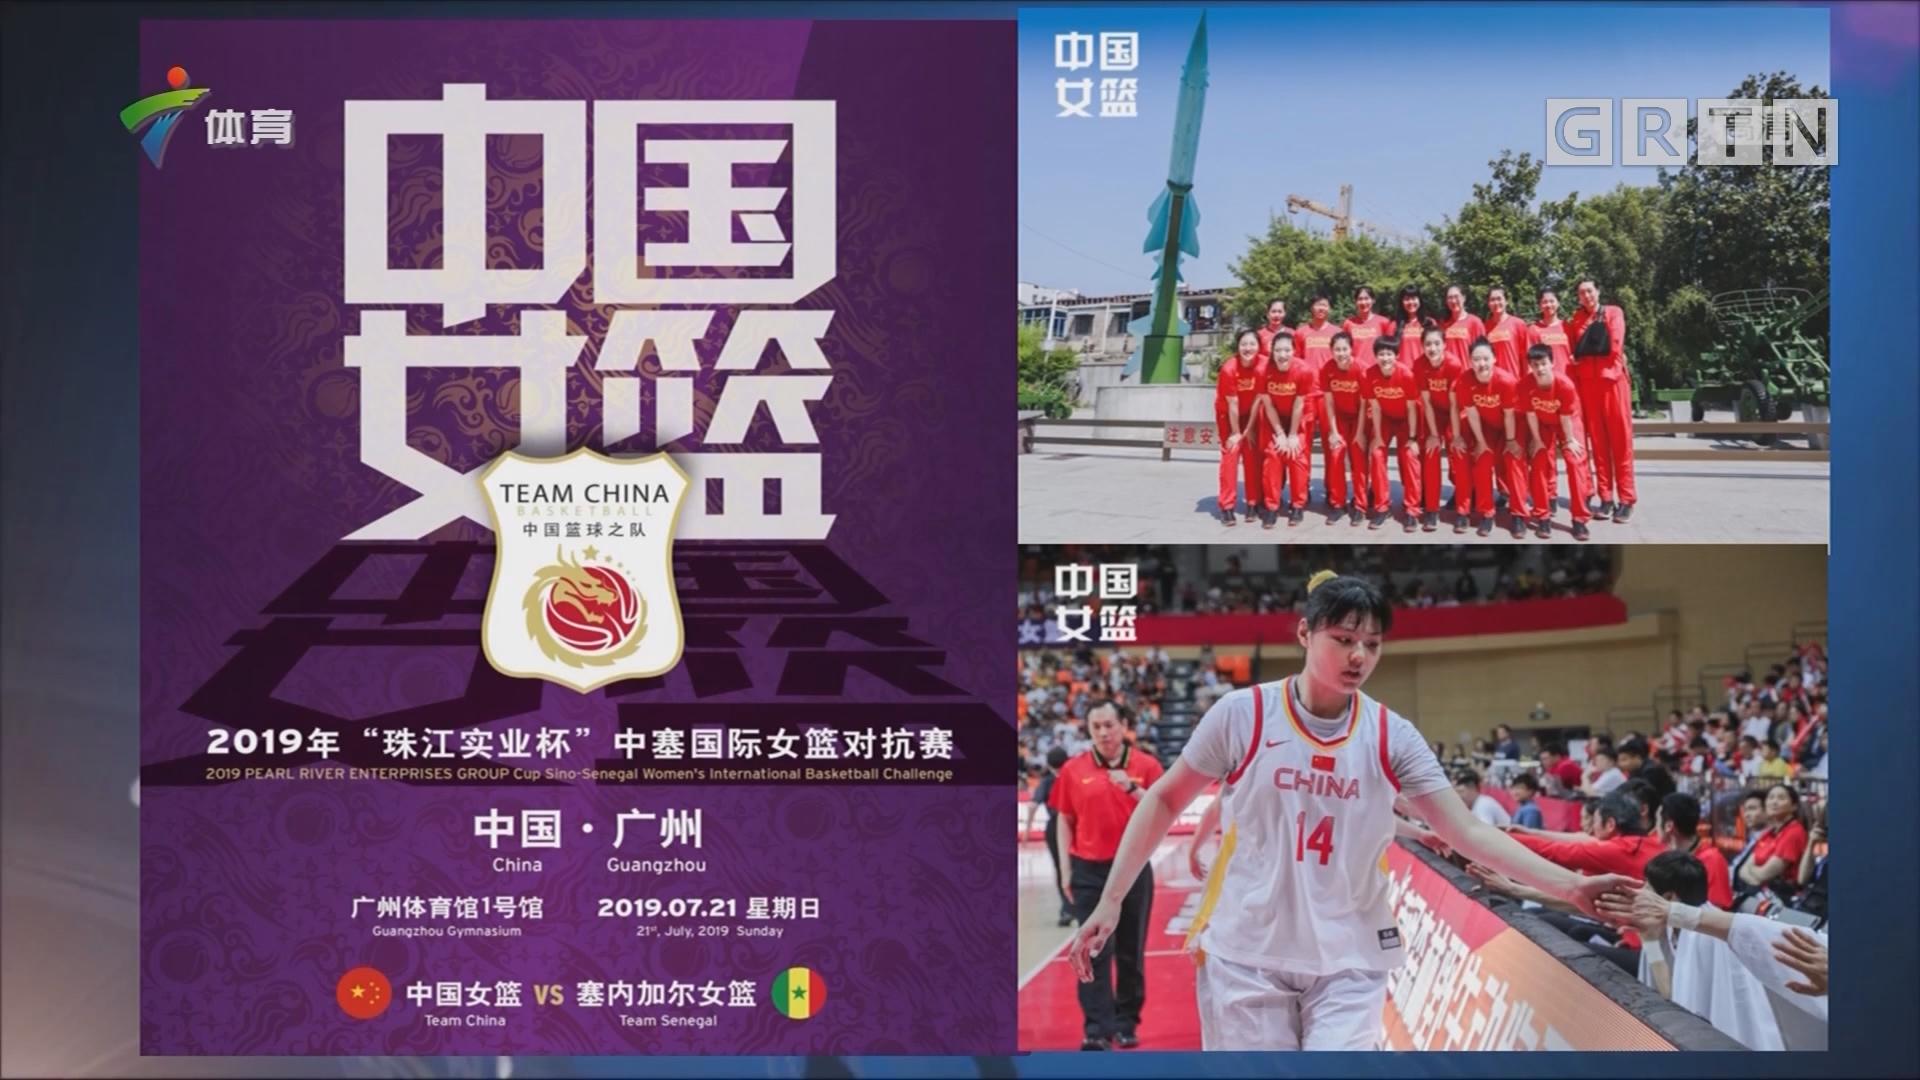 """2019年""""珠江实业杯""""中塞国际女篮对抗赛"""